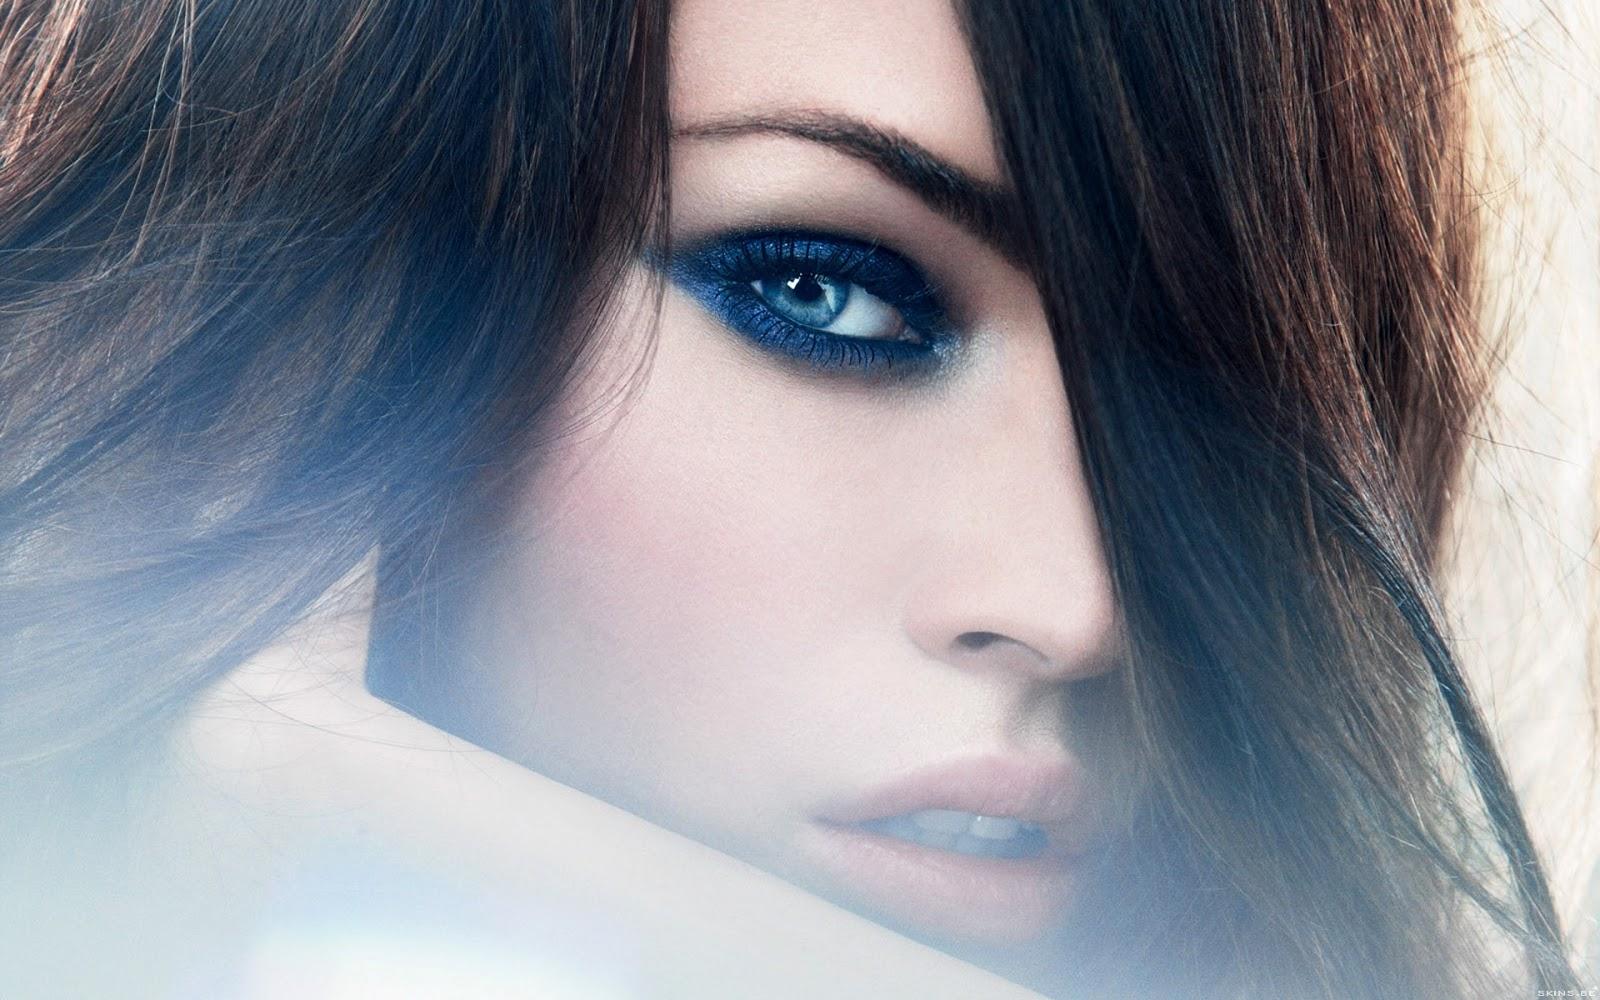 Megan Fox Fantasy Eyes 21